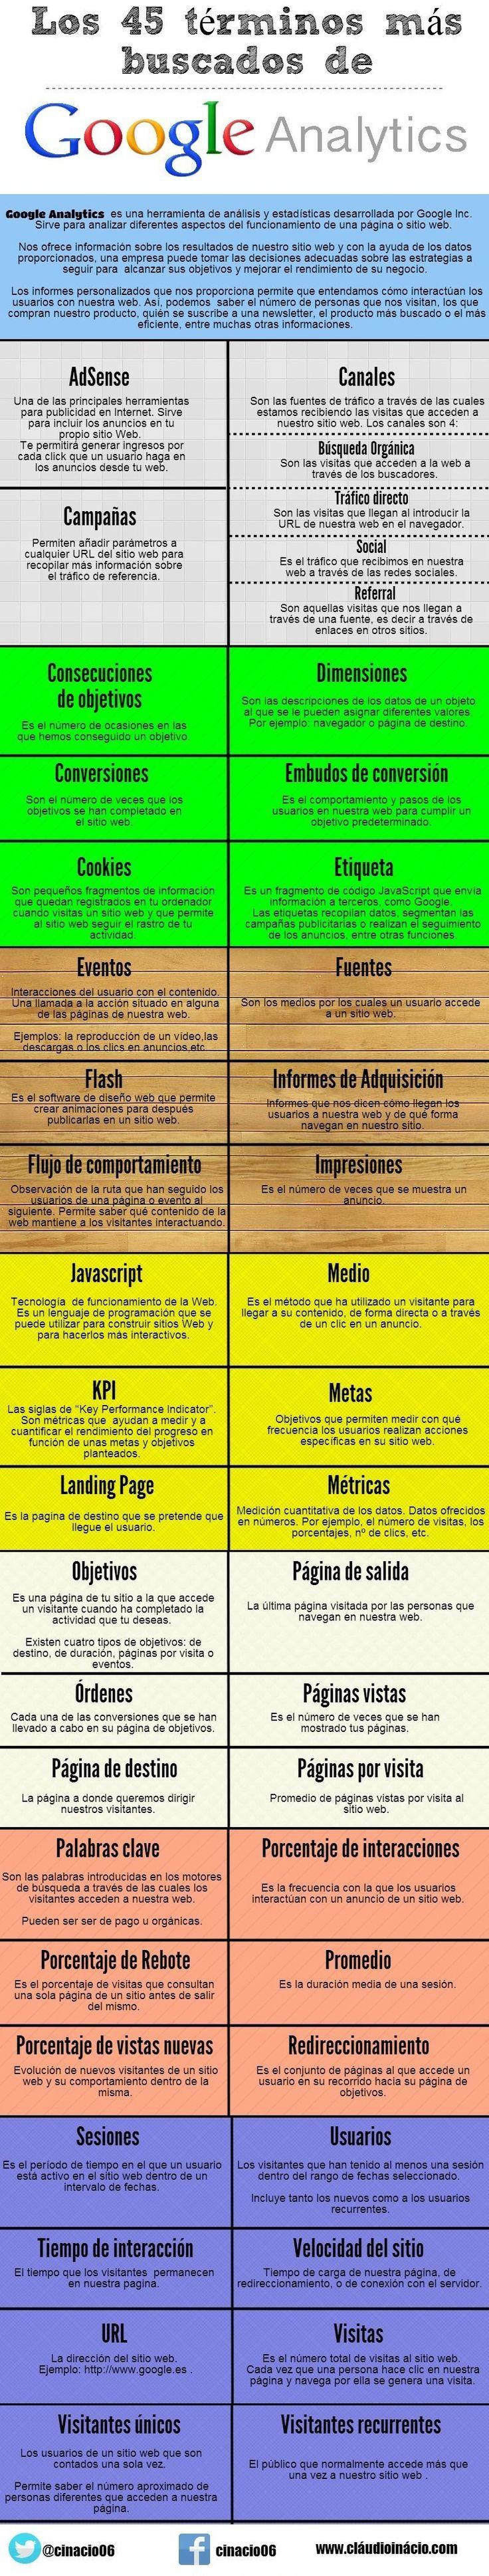 Los 45 términos más buscados de #GoogleAnalytics #socialmedia #infografía